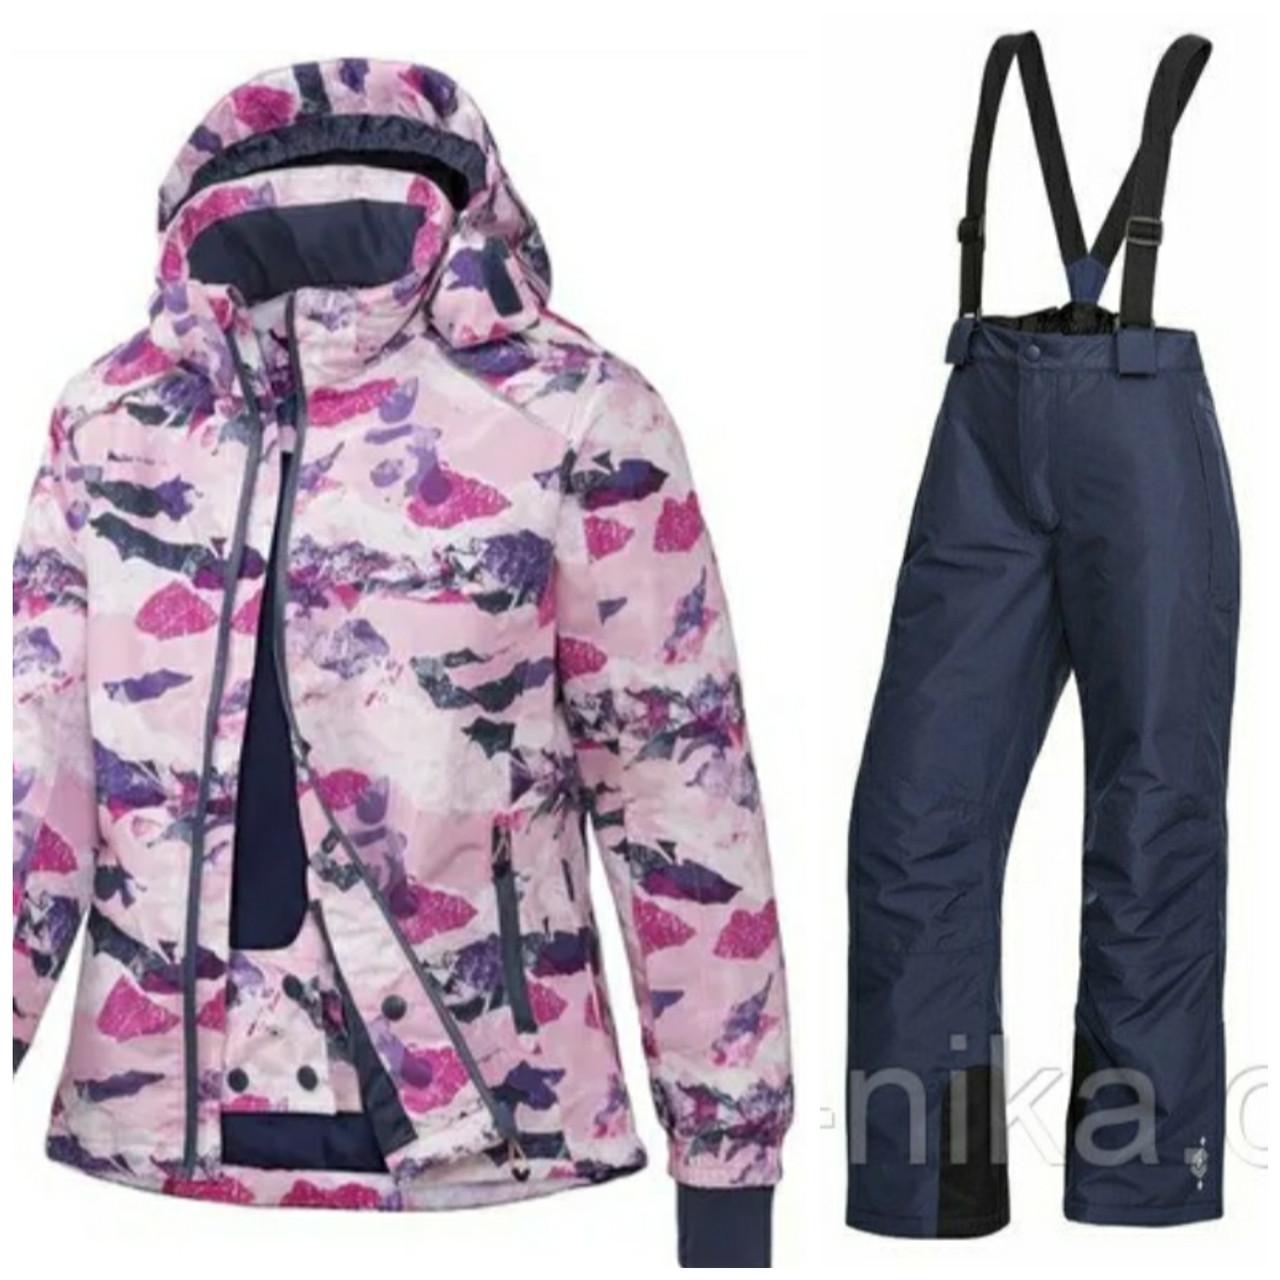 Лыжный костюм для девочки (разноцветная куртка и синие штаны) Crivit р.134/140см